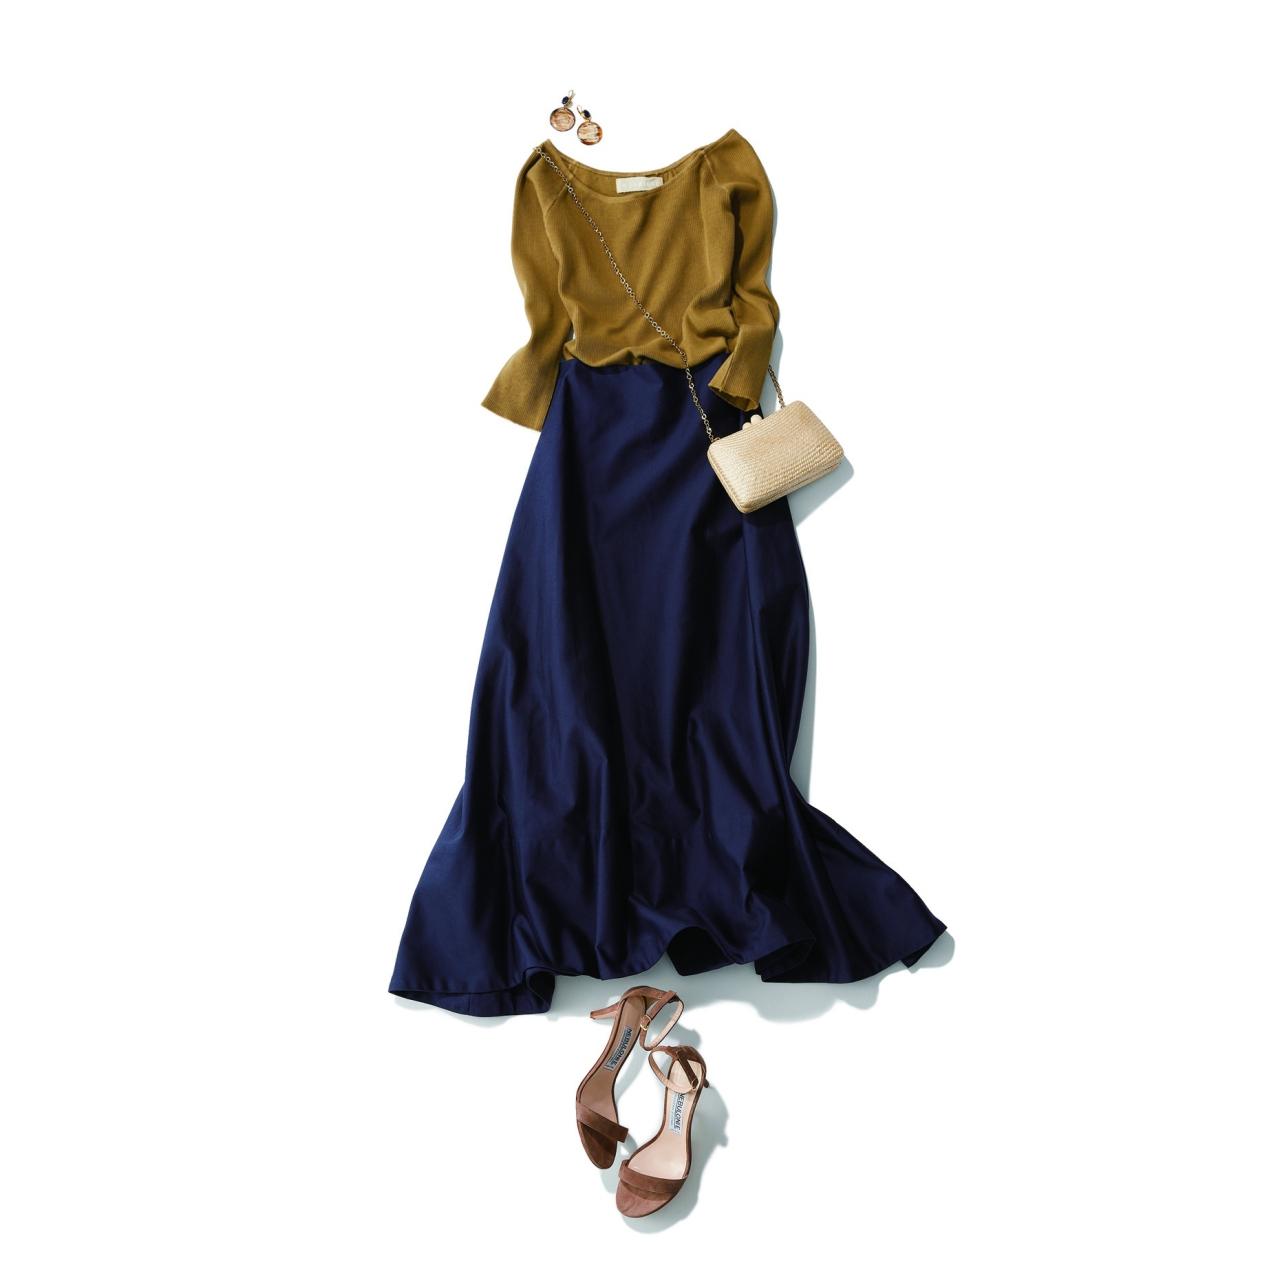 ネイビースカート×オリーブ色のリブカットソーのファッションコーデ